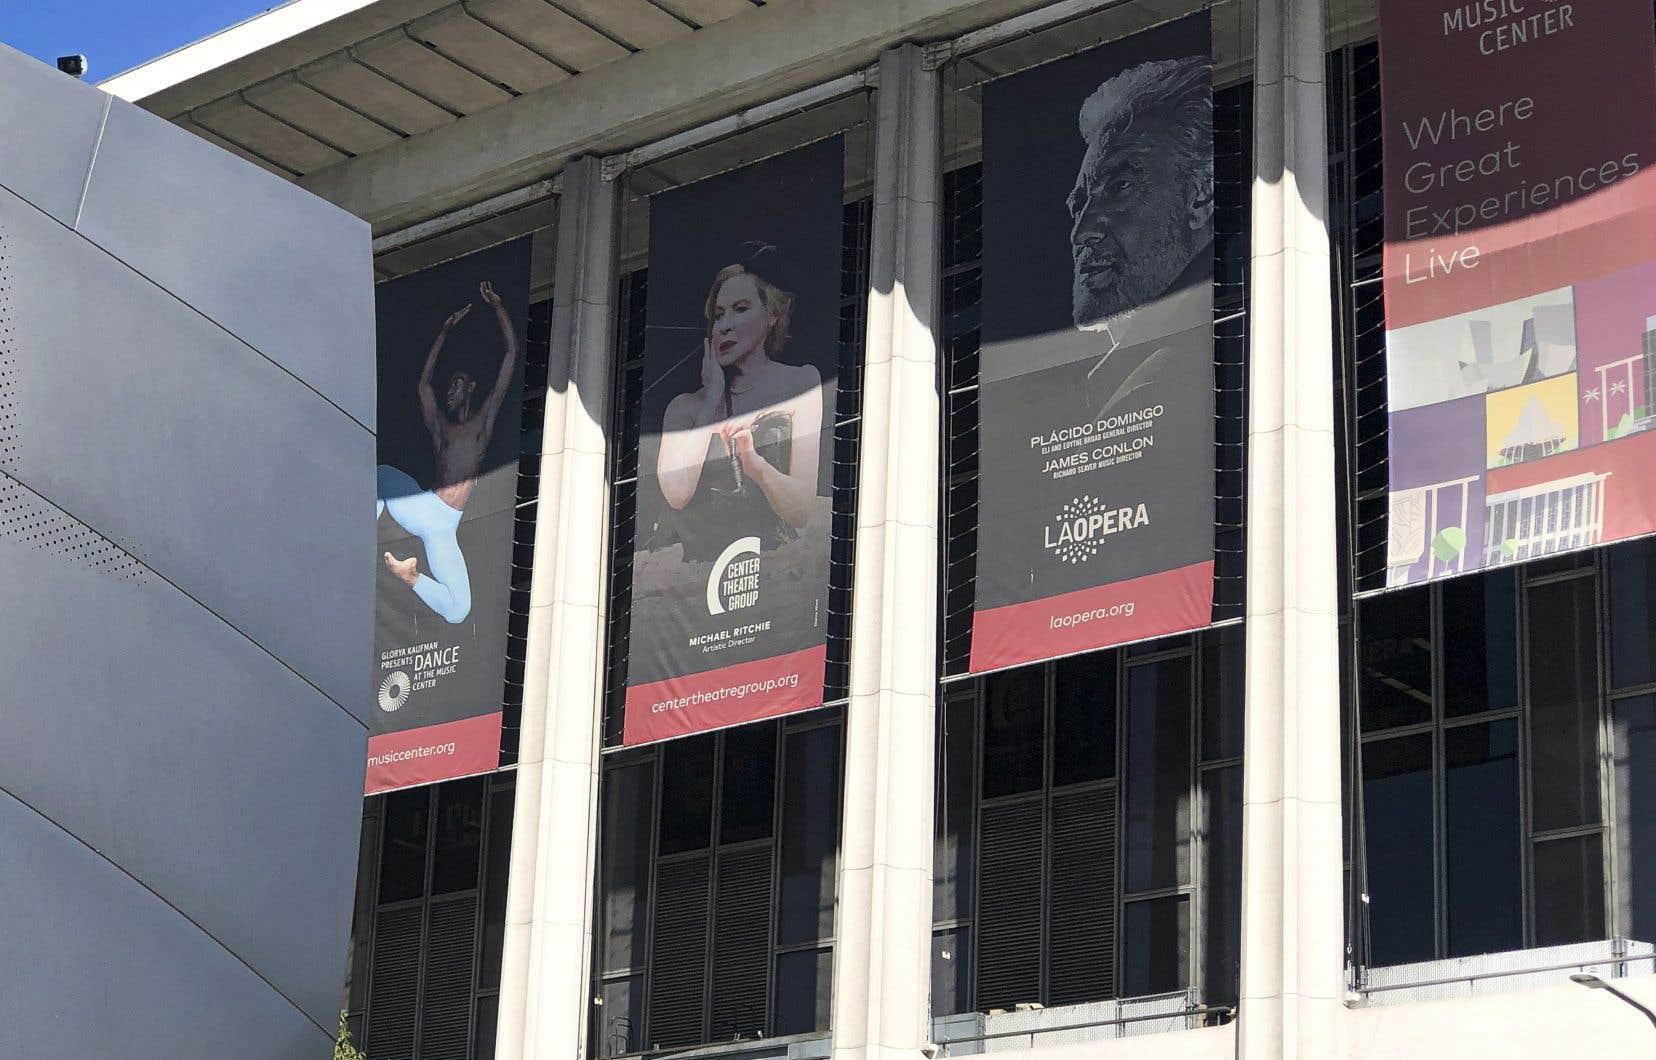 Dans un communiqué de presse, le conseil d'administration de l'Opéra de Los Angeles a remercié son ex-directeur général pour sa contribution à l'art et à la vie culturelle dans la ville, sans faire mention des allégations contre lui.